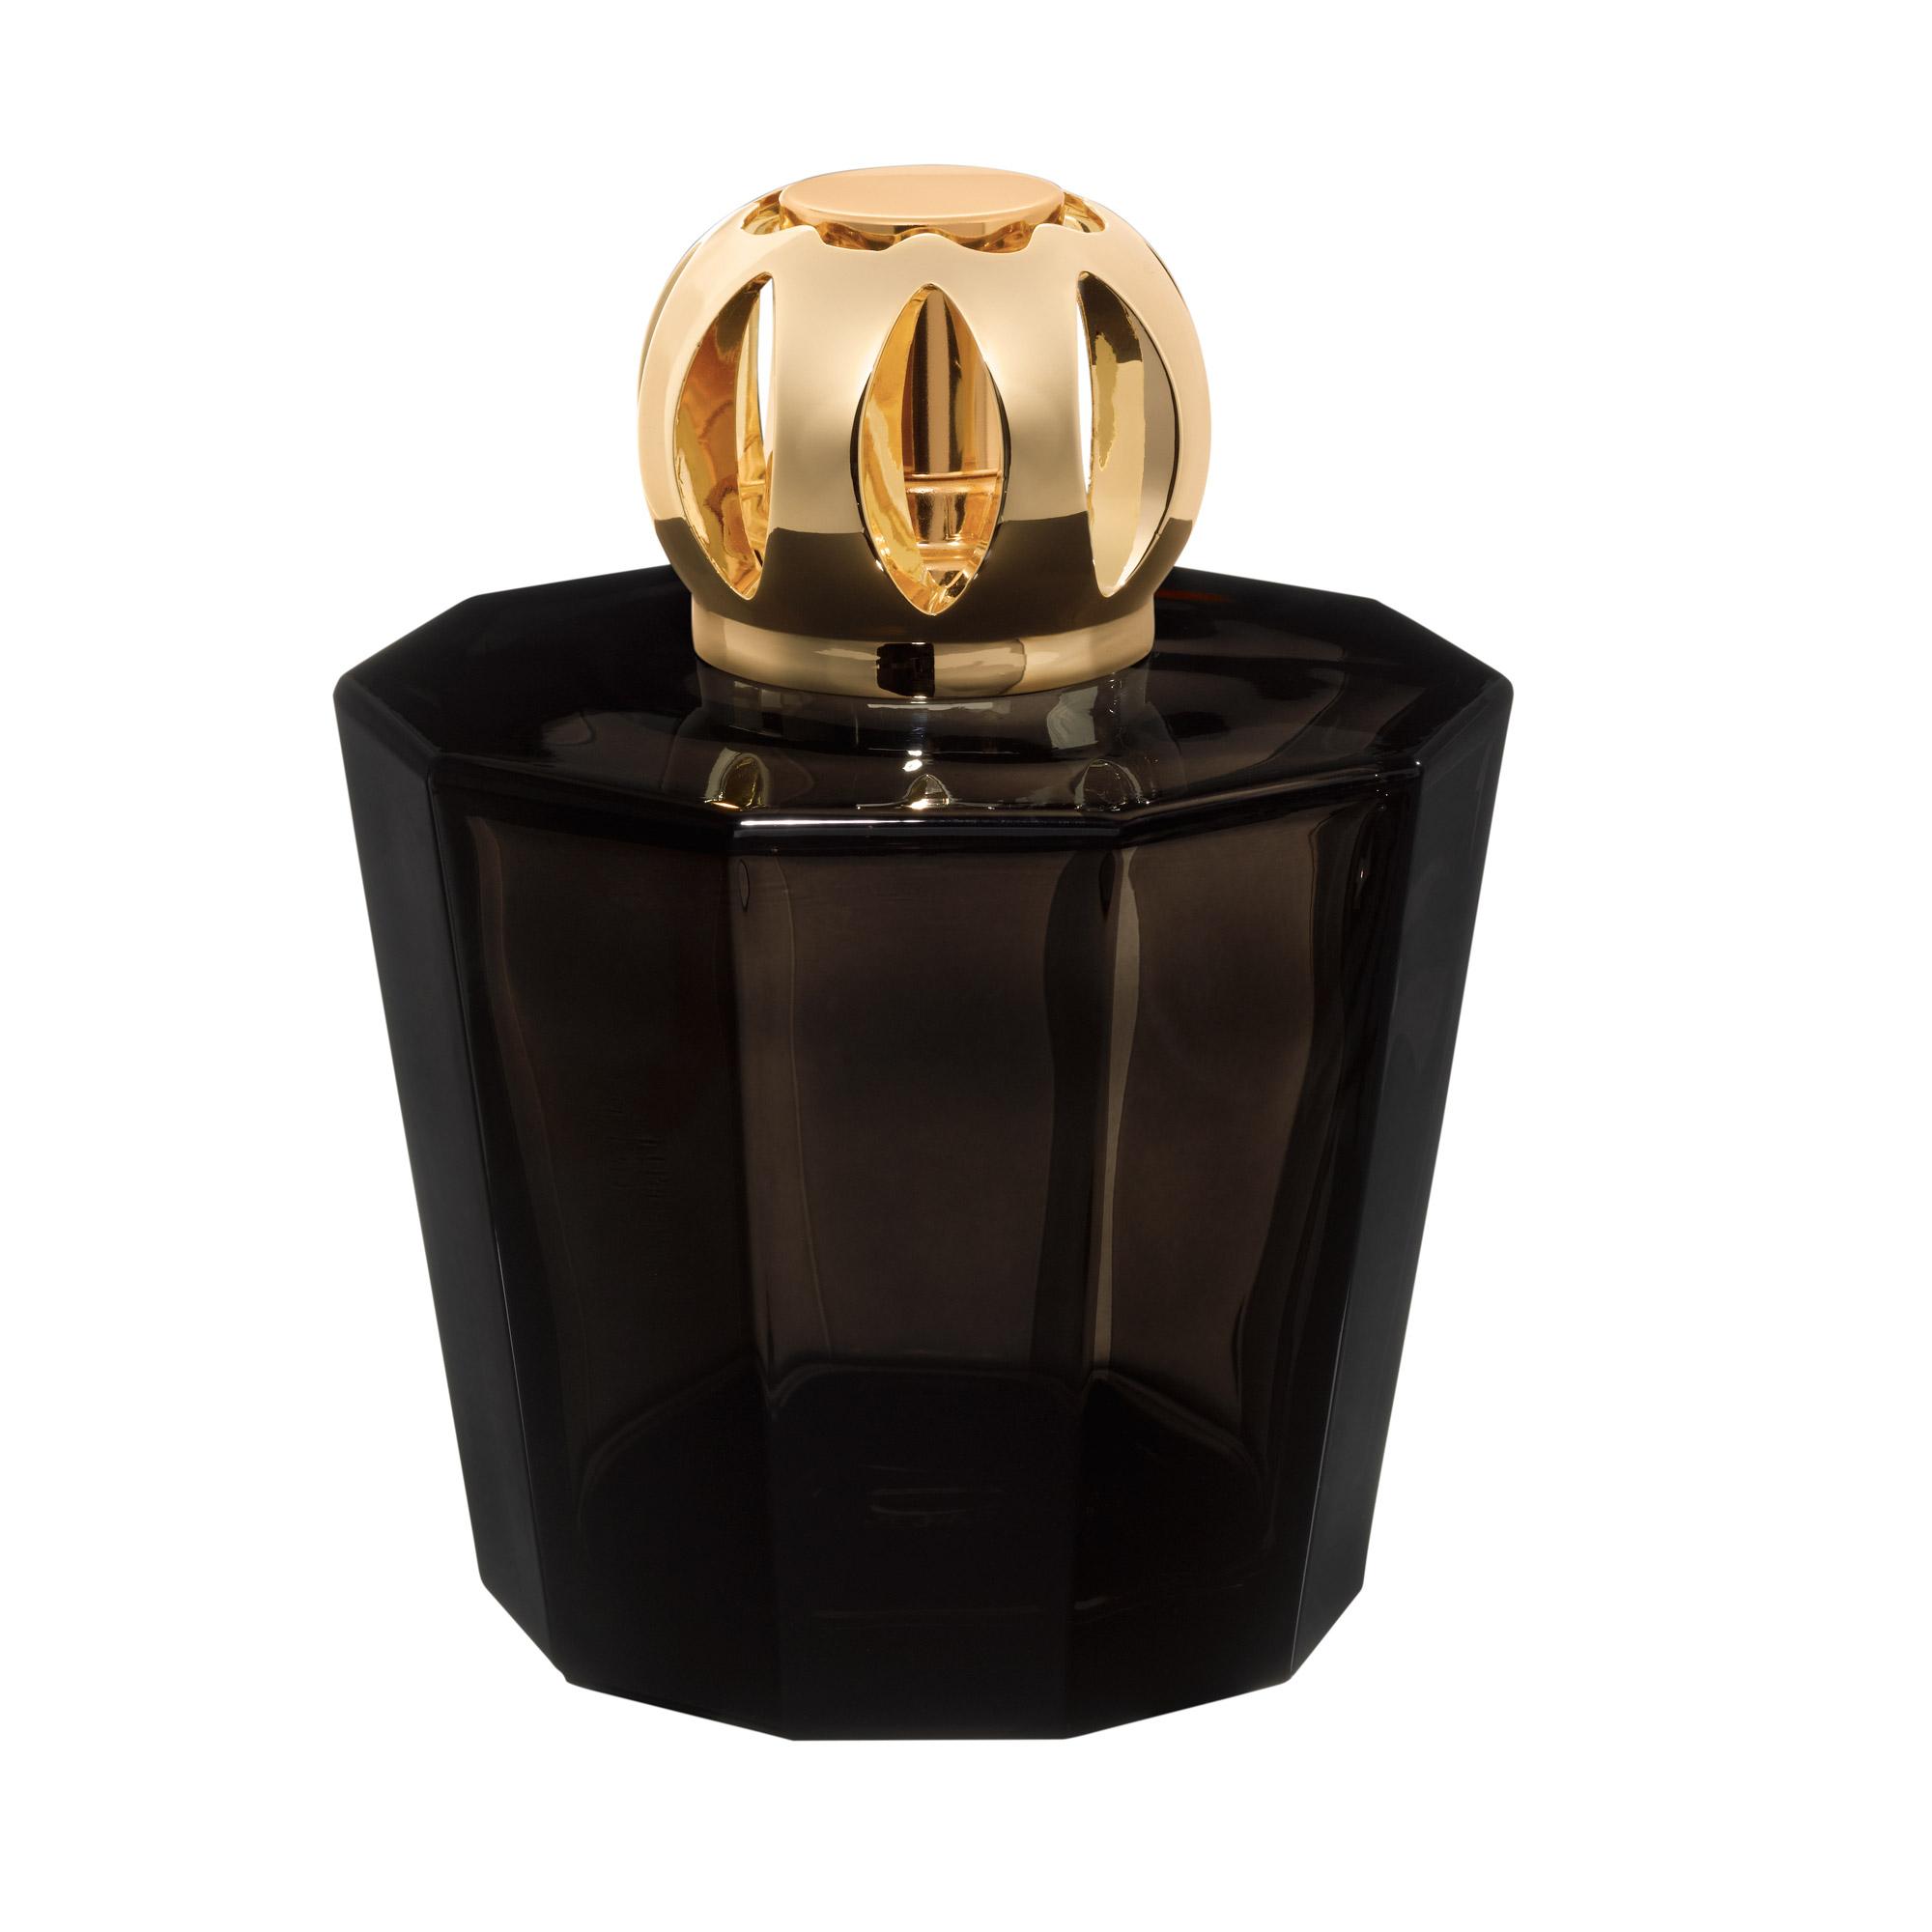 Фото - Набор Maison berger лампа Берже «Черный кристалл» и аромат Белый мускус 250 мл набор maison berger бинго дымчатый 15 5 см